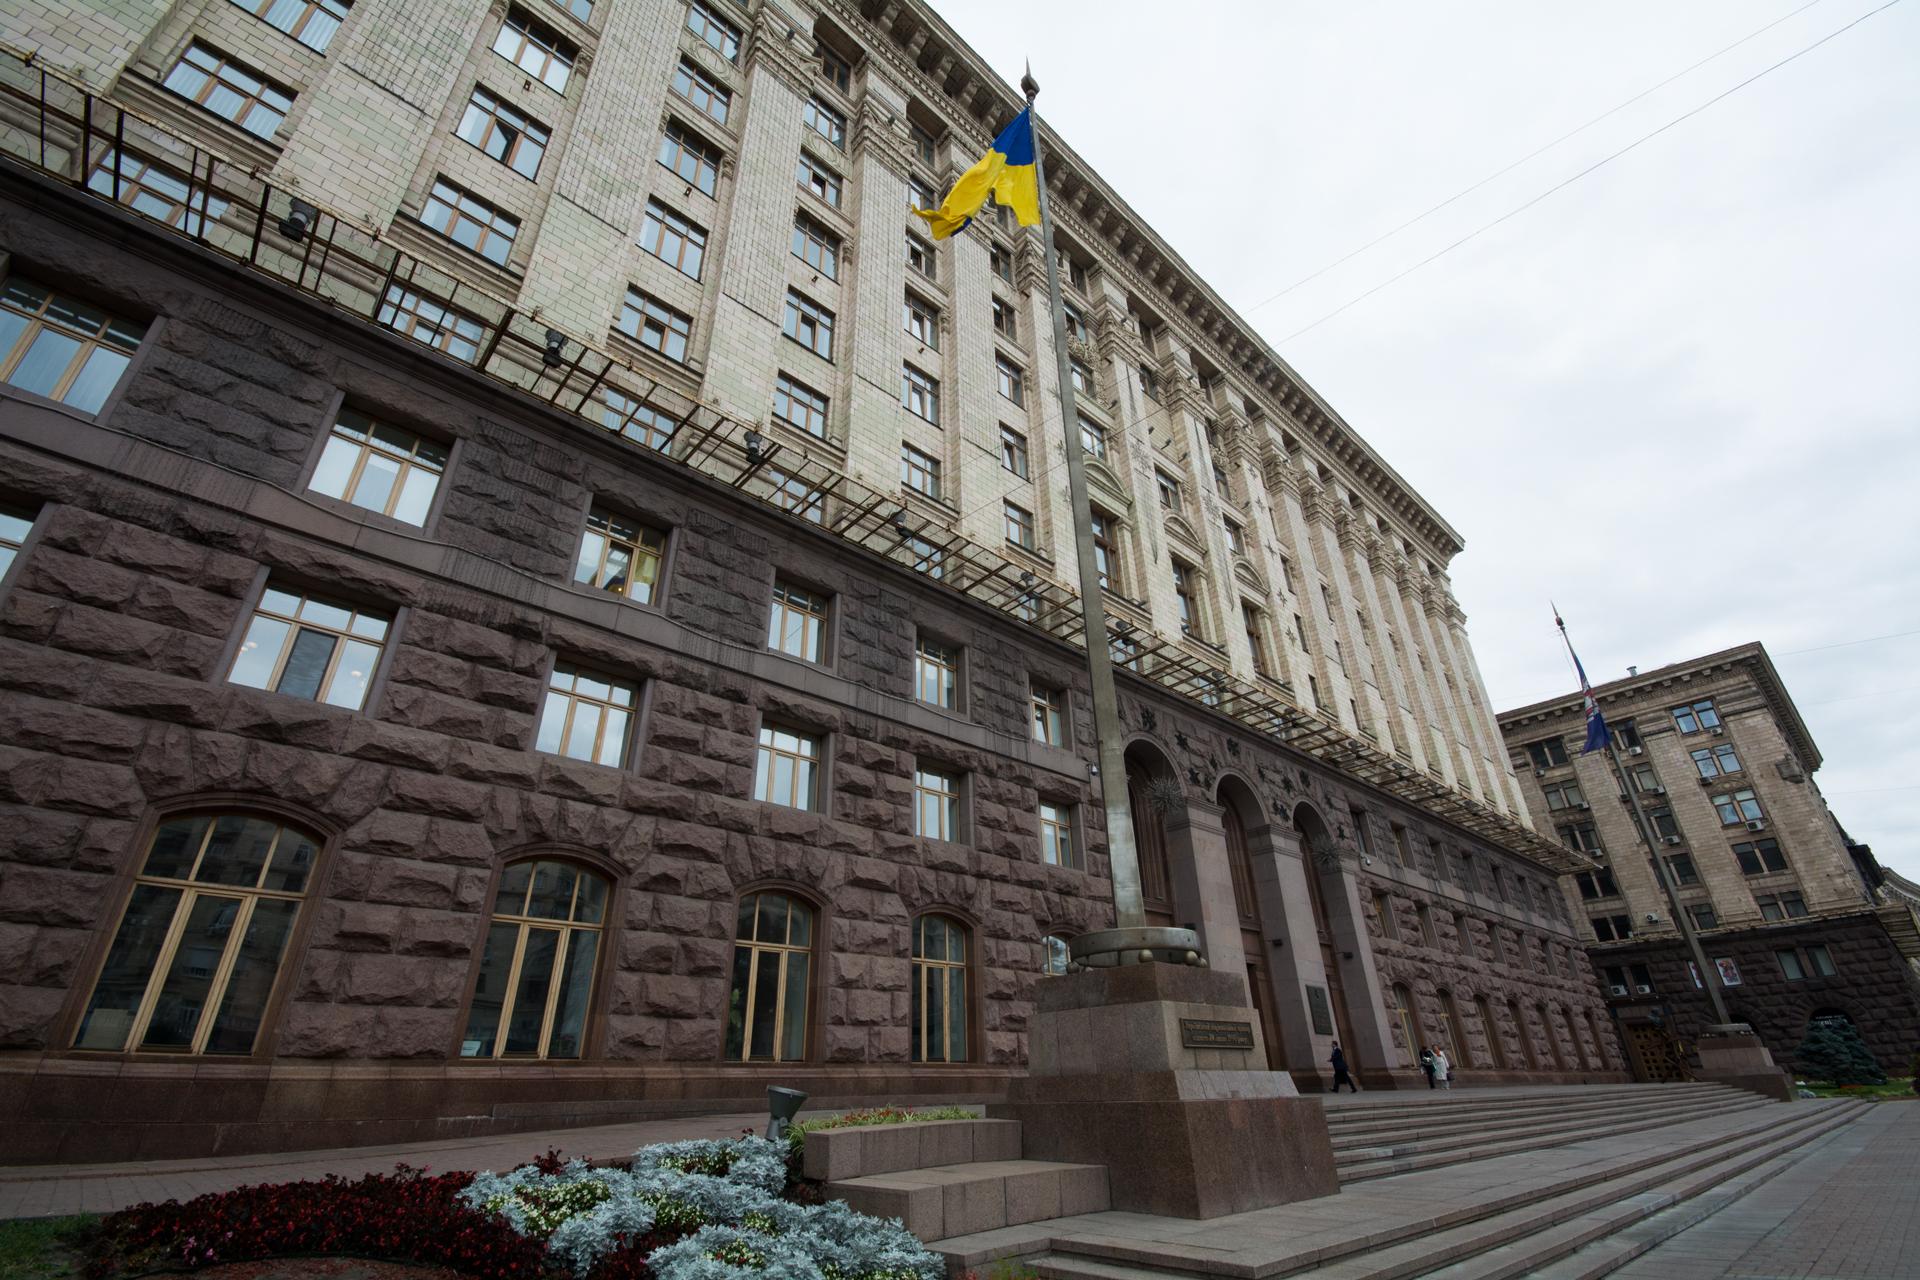 Землю не віддадуть: столична влада розірвала договори оренди з посольством РФ -  - foto kmda 0